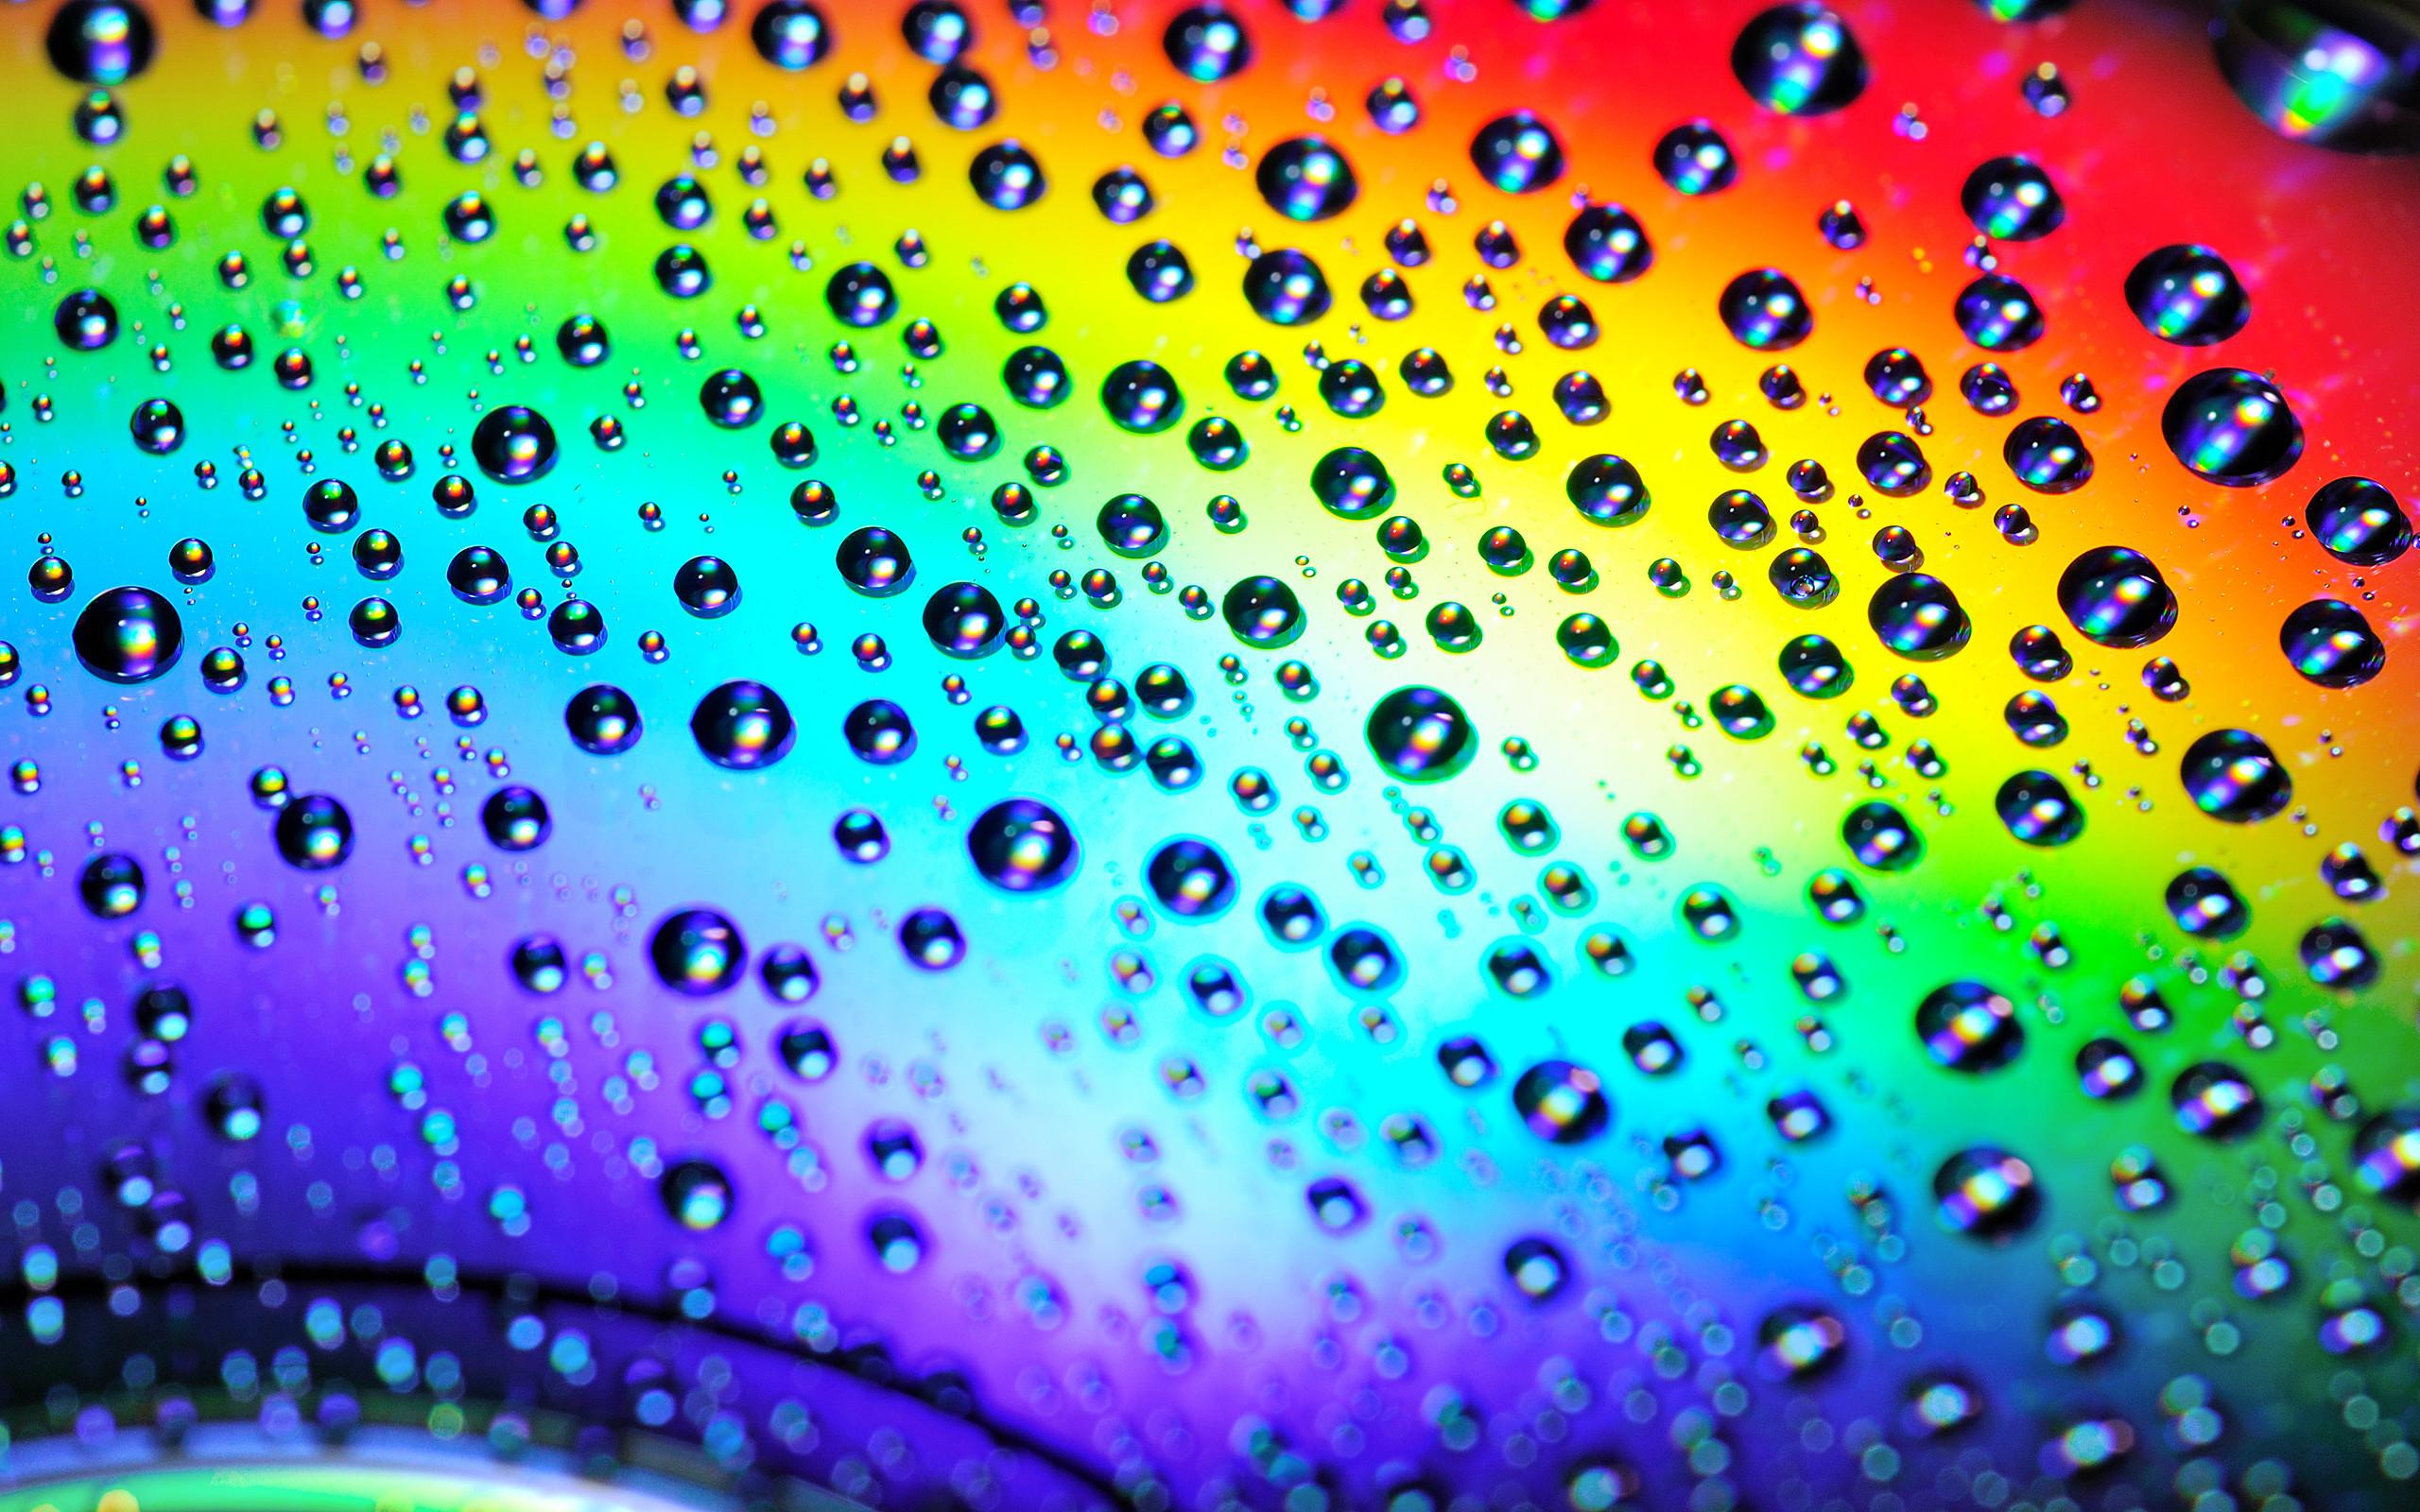 Cool backgrounds For Computer Screens | ImageBank.biz